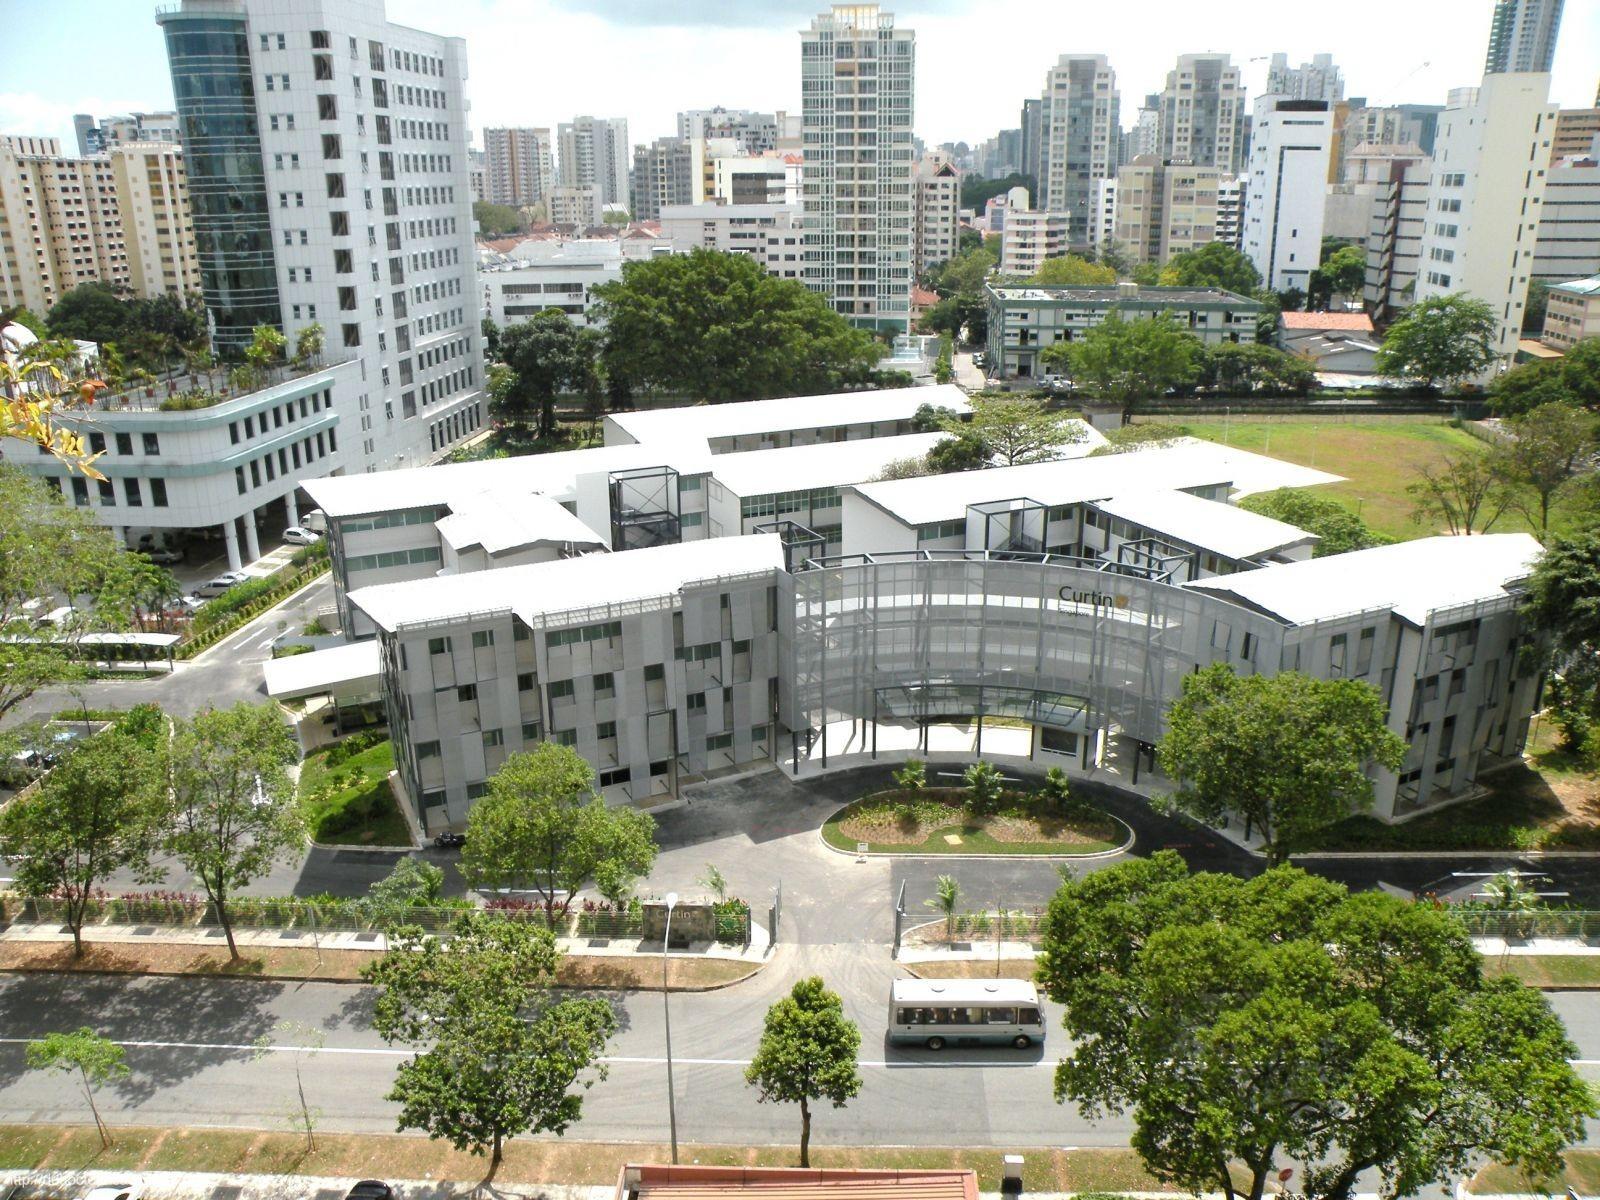 Biaya kuliah di curtin singapore terbaru